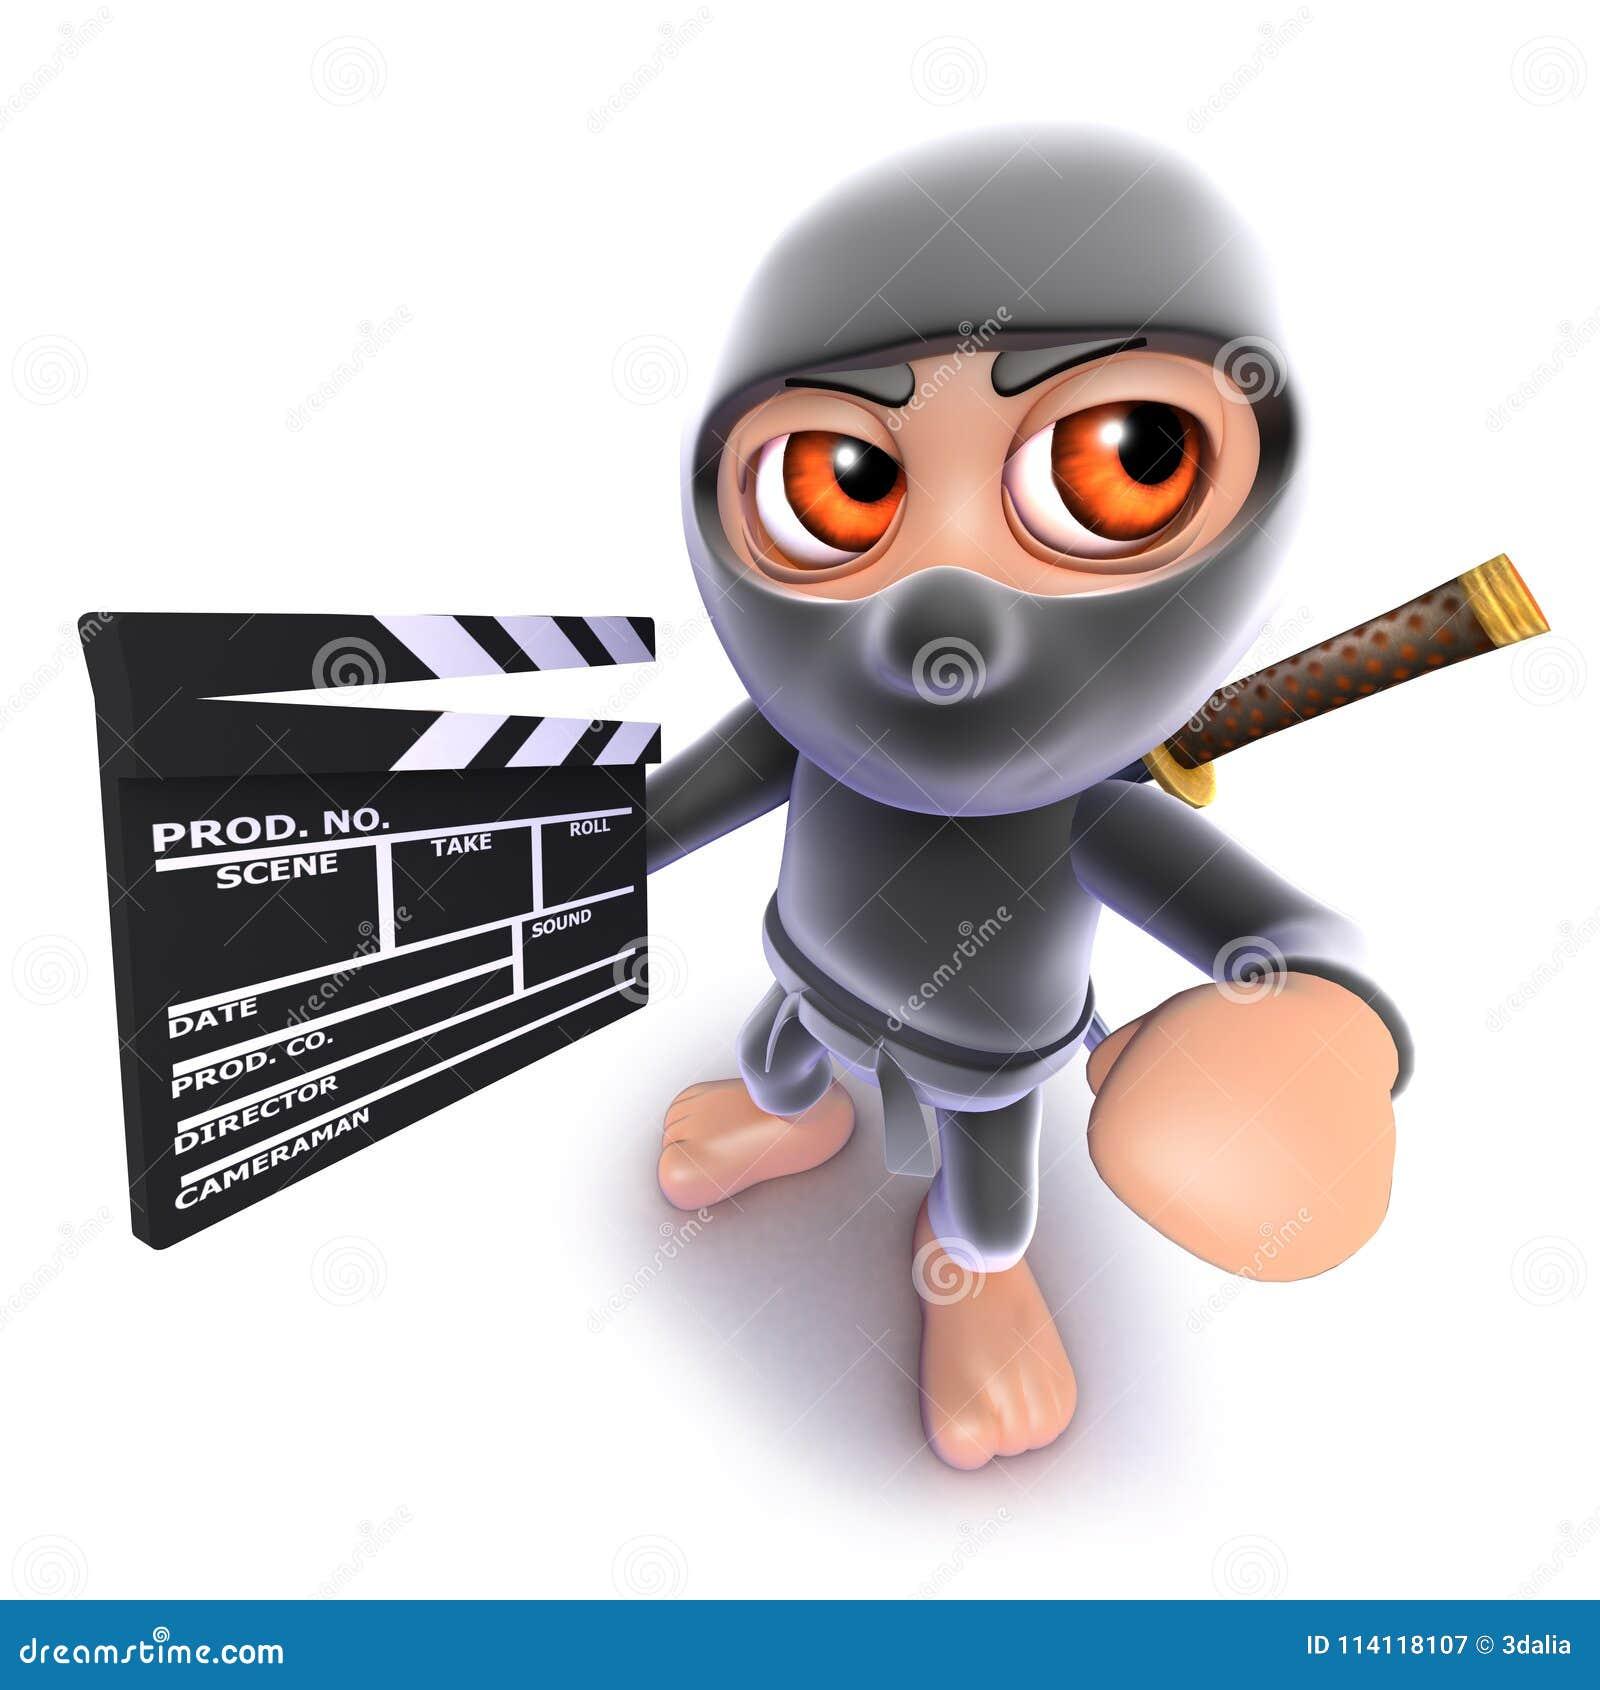 Ninja assassin full movies download | Watch Ninja Assassin